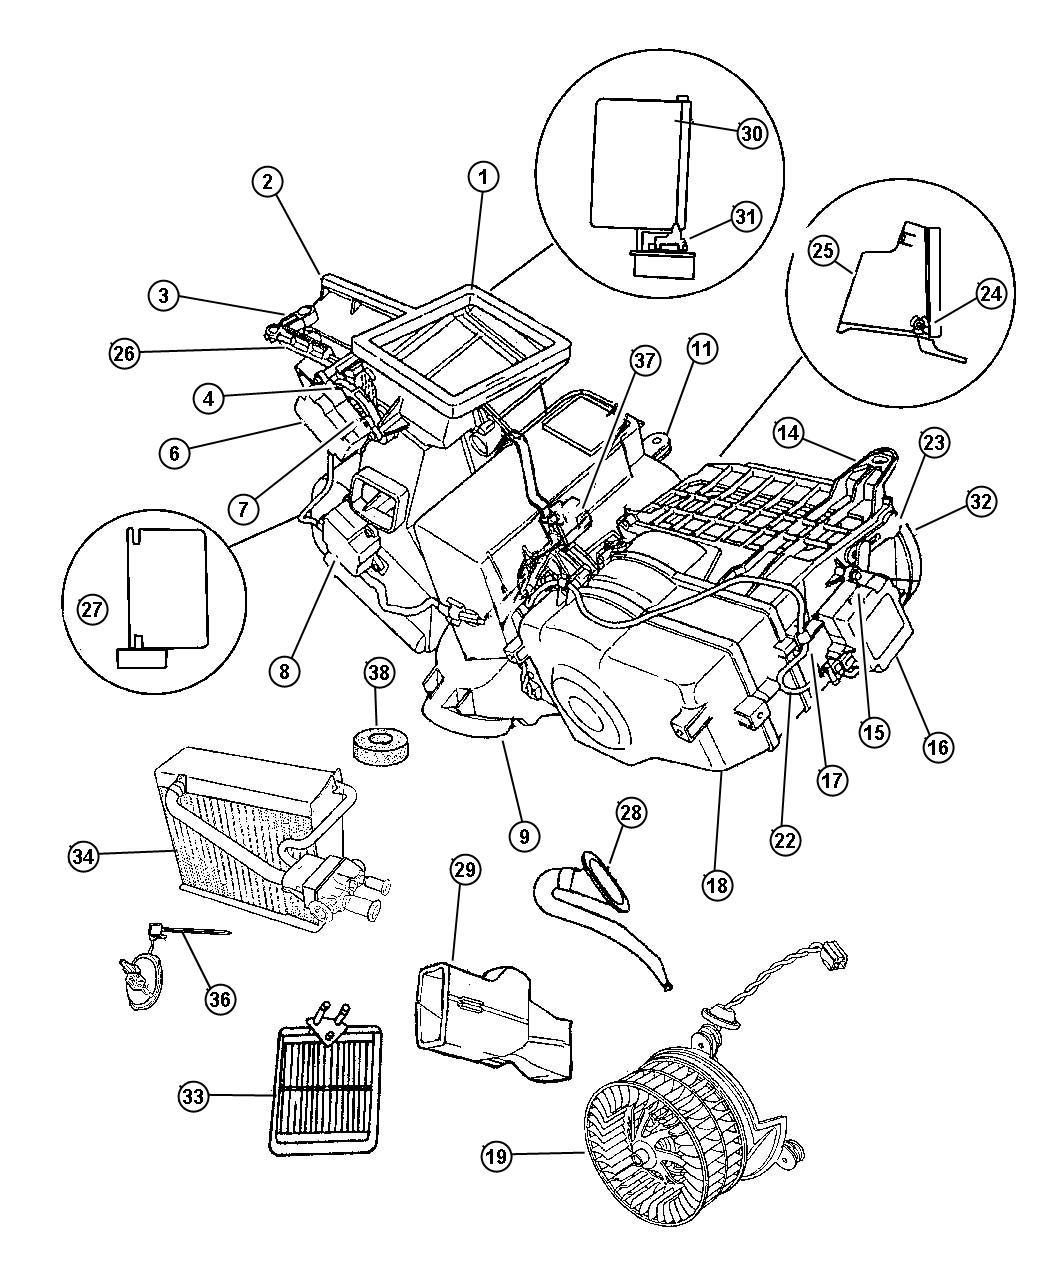 1997 Dodge Intrepid ATC Unit